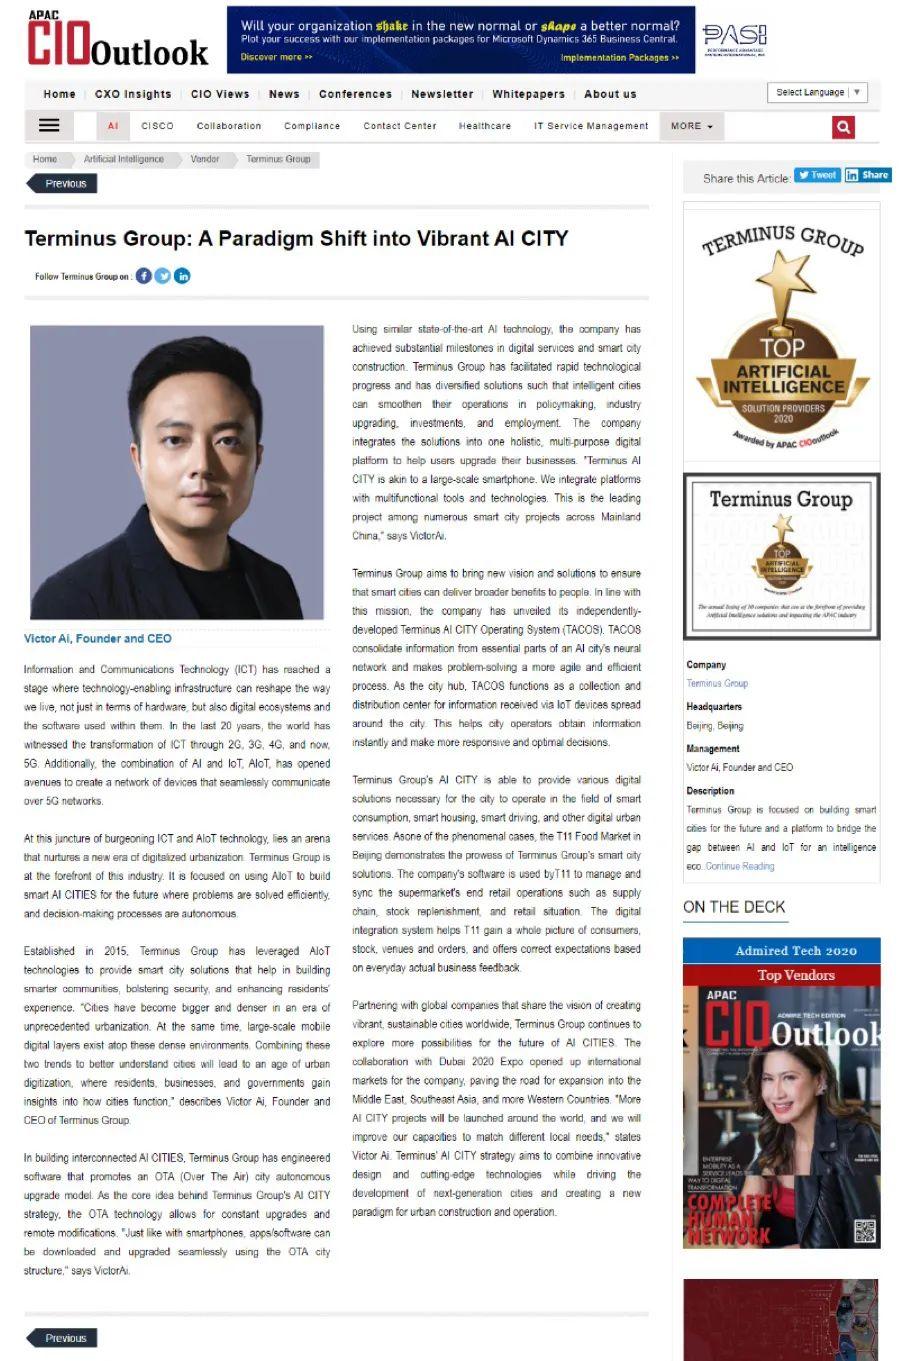 特斯联获选亚太区十大顶级人工智能解决方案服务商